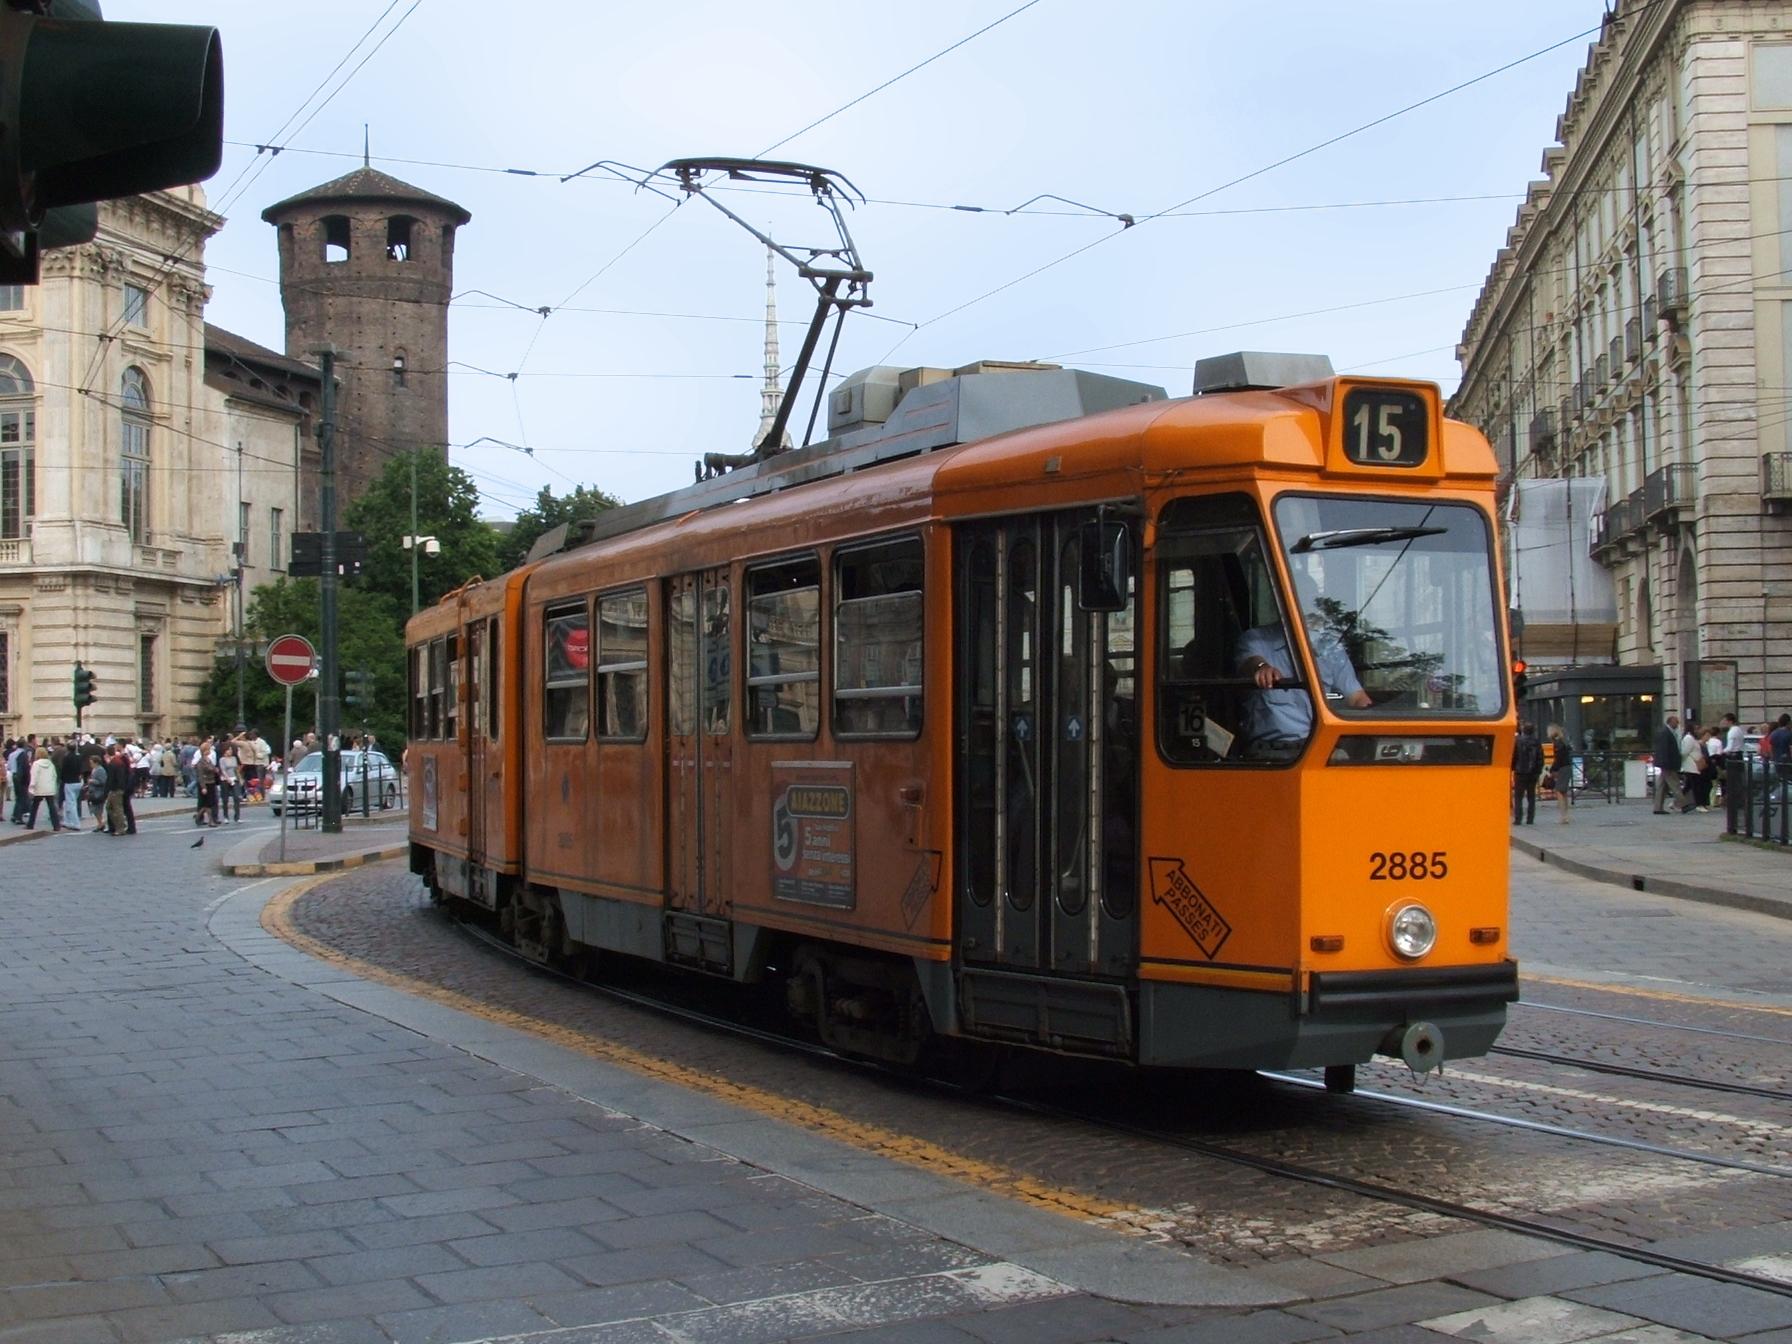 A Torino arrivano i tram del futuro: progettati da Hitachi Rail, saranno gialli e blu